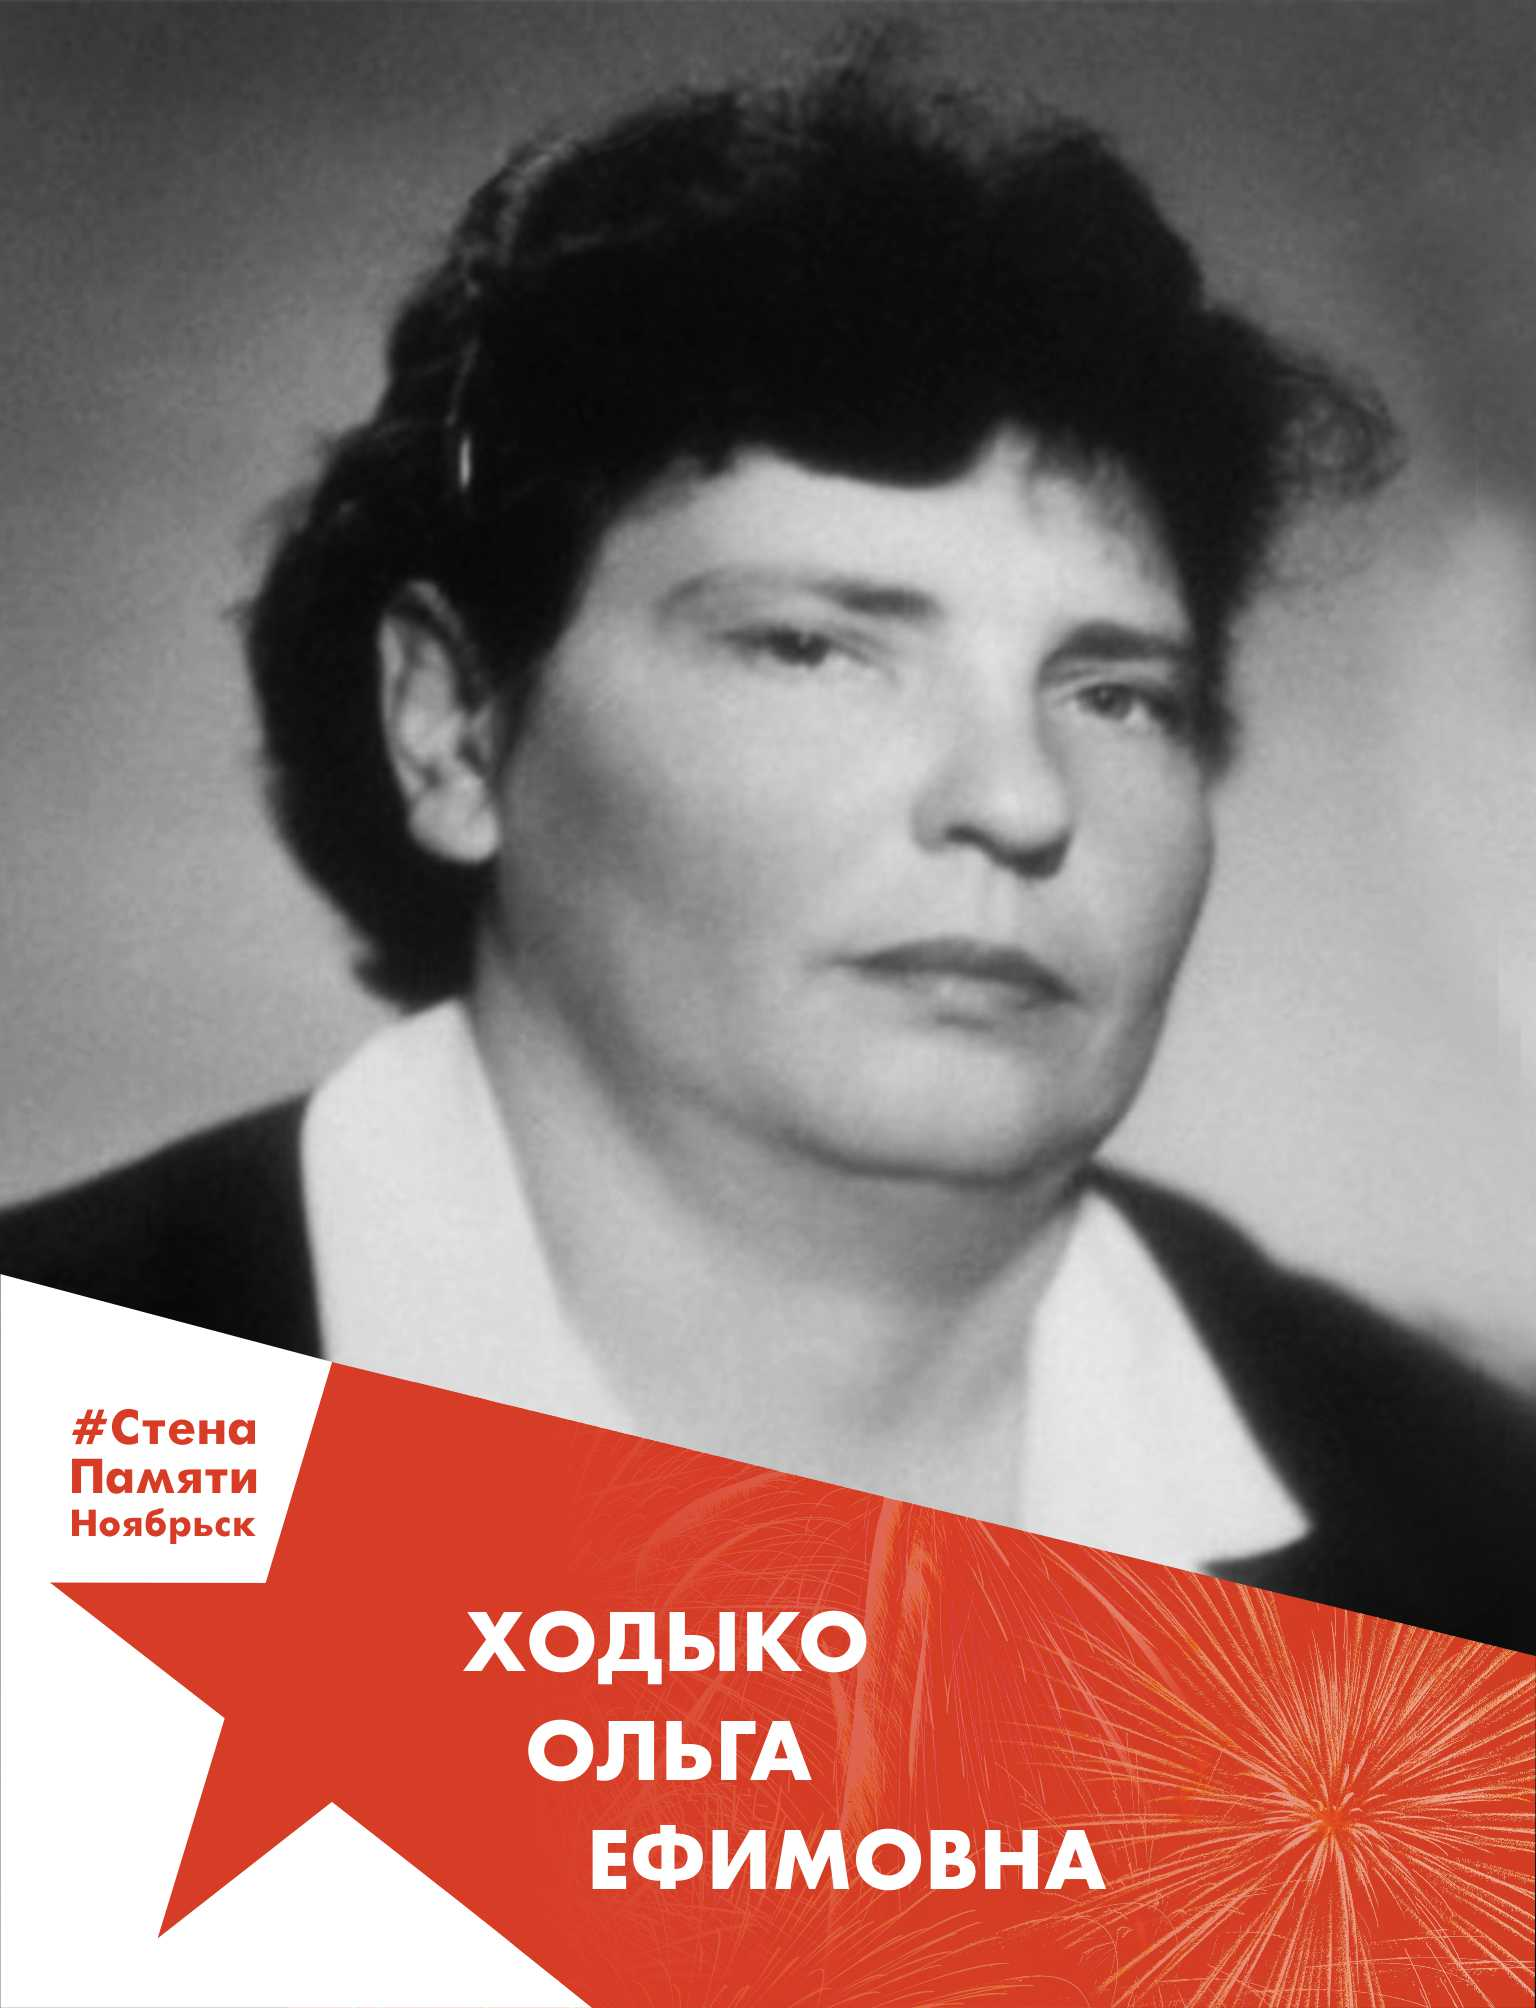 Ходыко Ольга Ефимовна